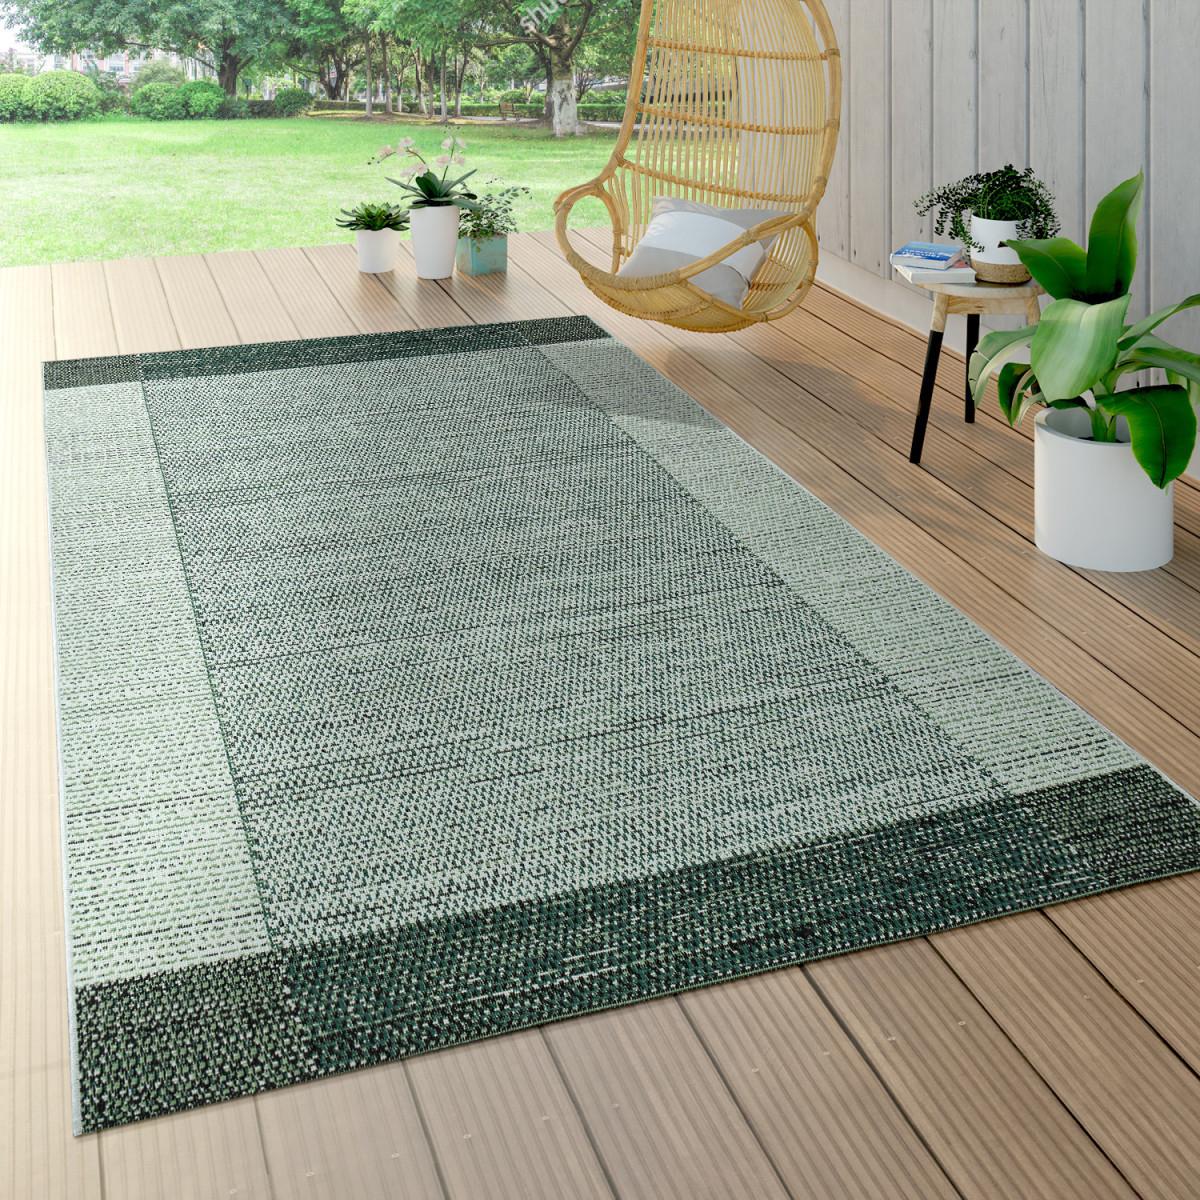 In  Outdoor Teppich Grün Beige Web Design von Wohnzimmer Teppich Grün Photo